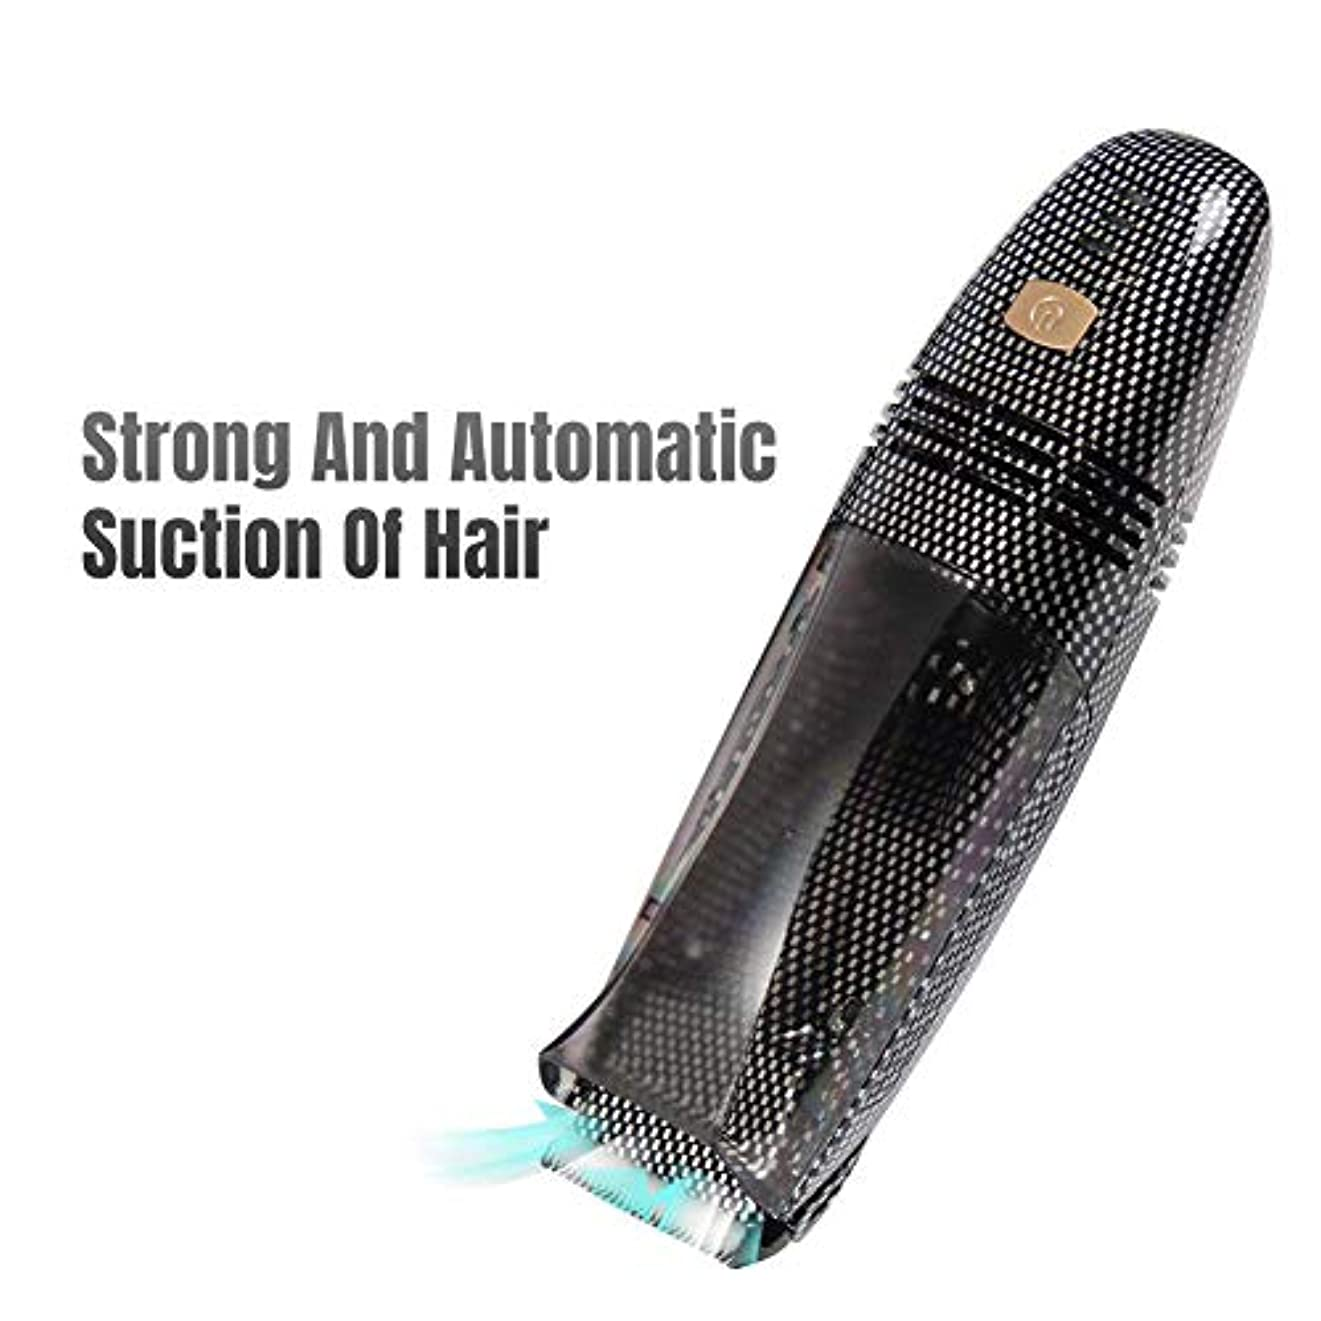 ビジネス排他的枕キッズヘアクリッパー自動吸入毛髪機能防水静かなヘアクリッパー充電式プロフェッショナルヘアクリッパー